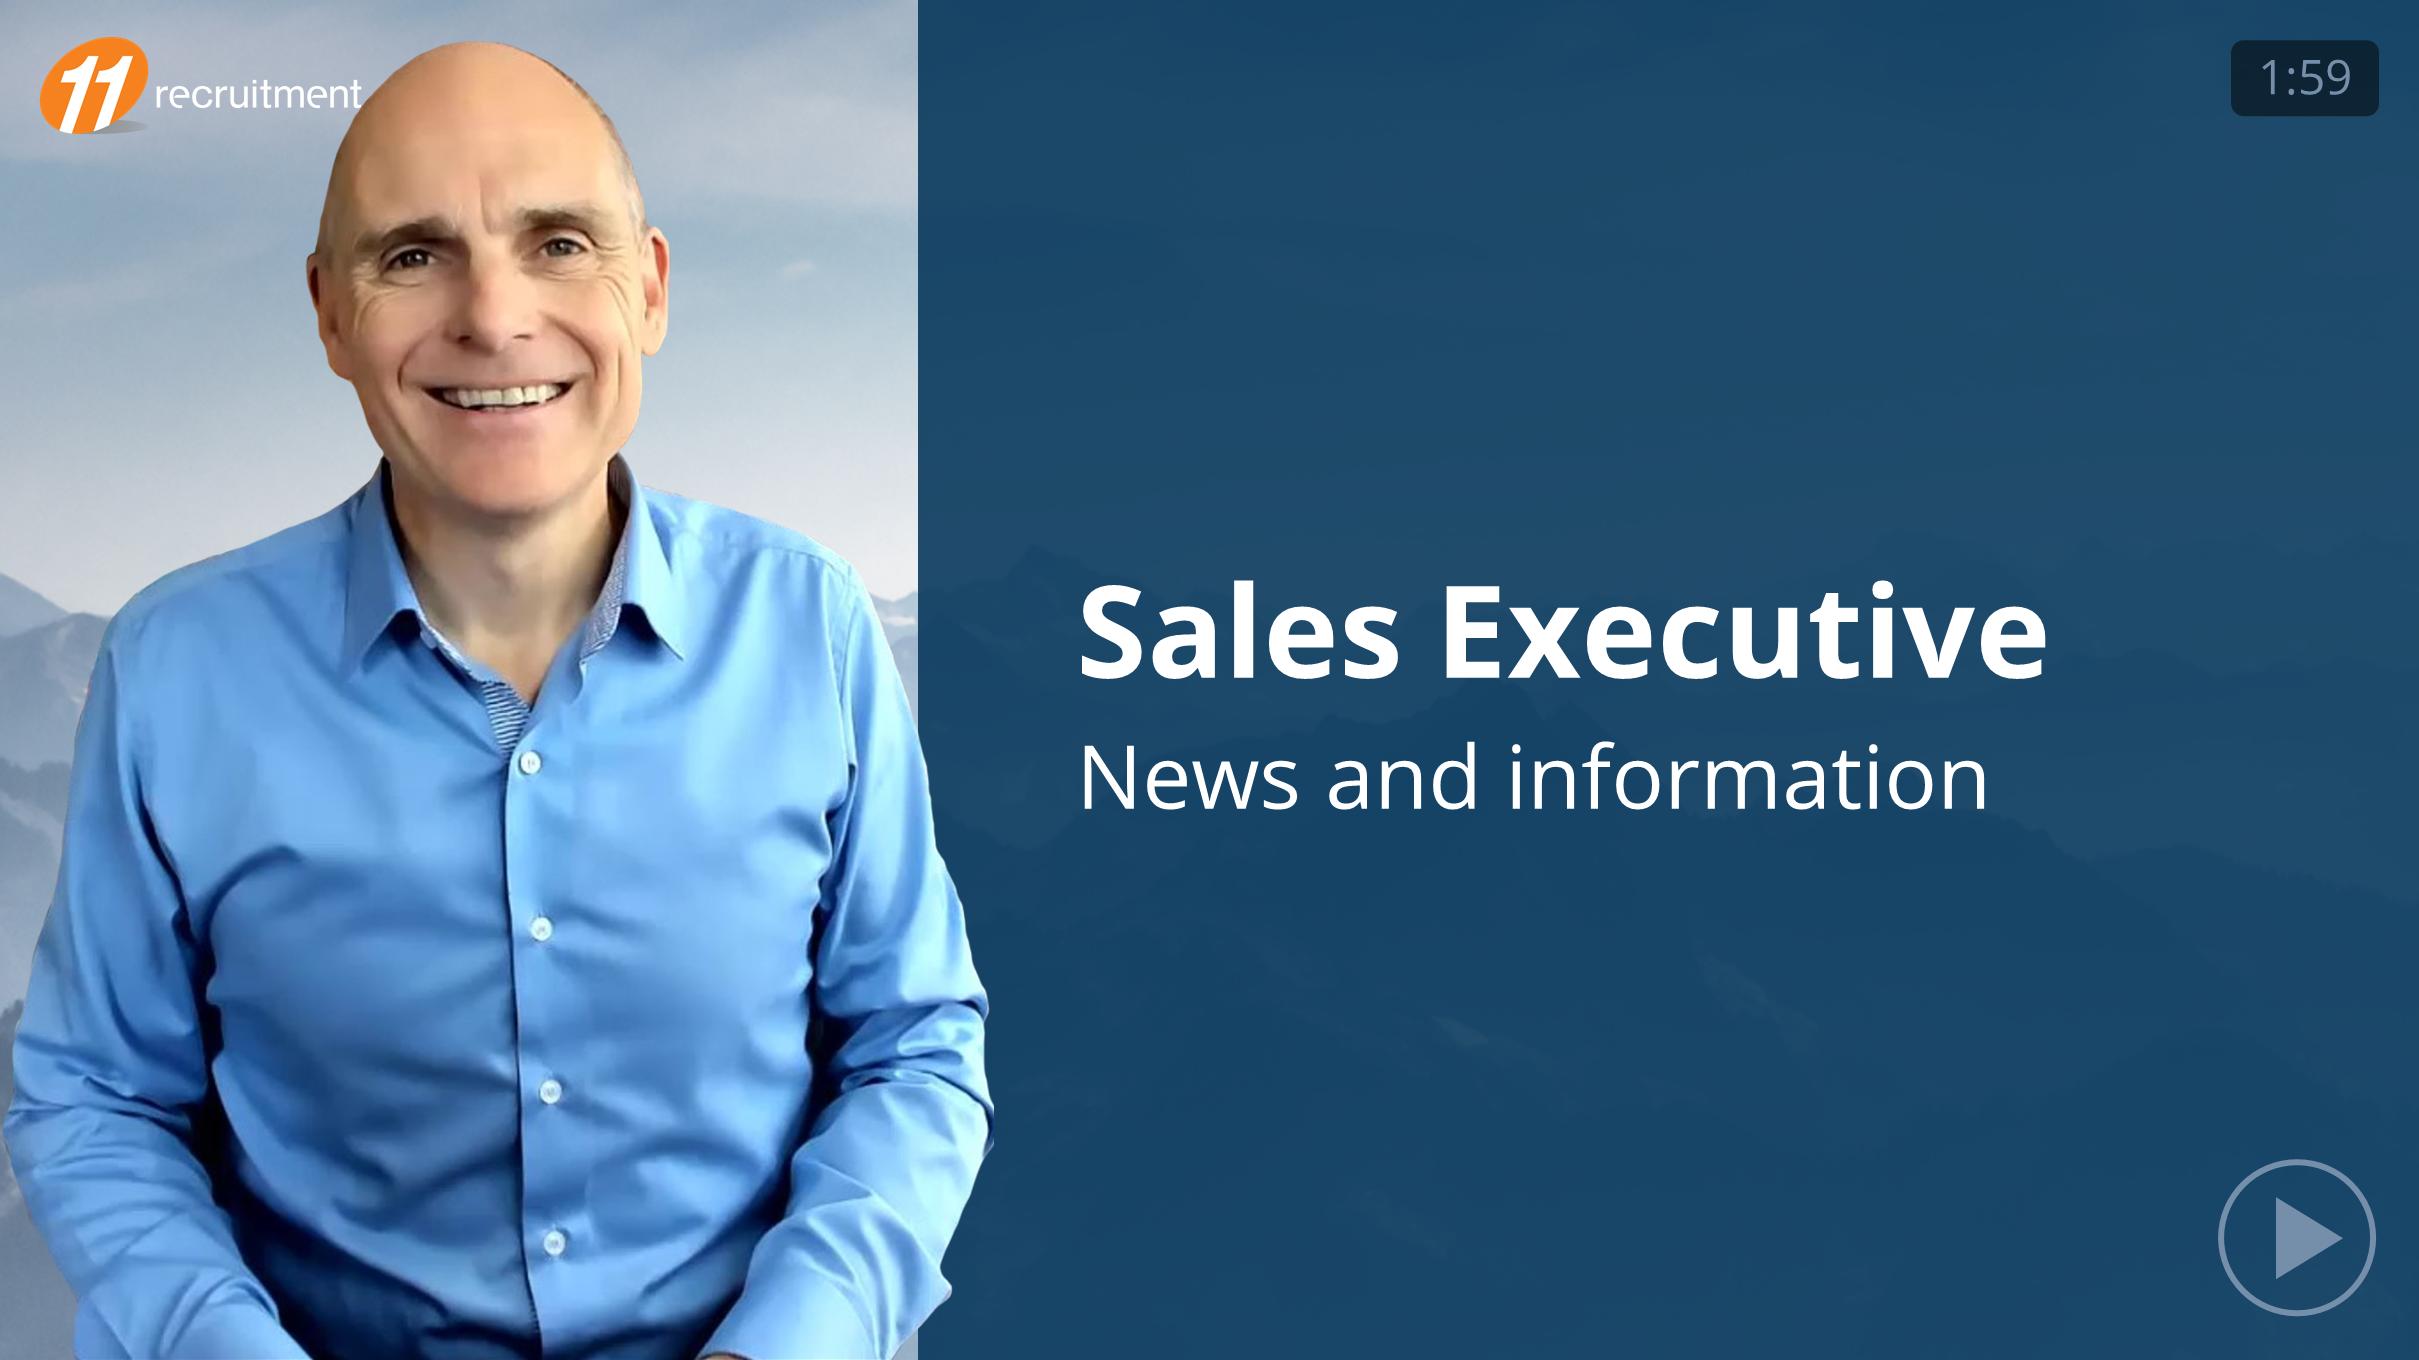 Sales Executive - News